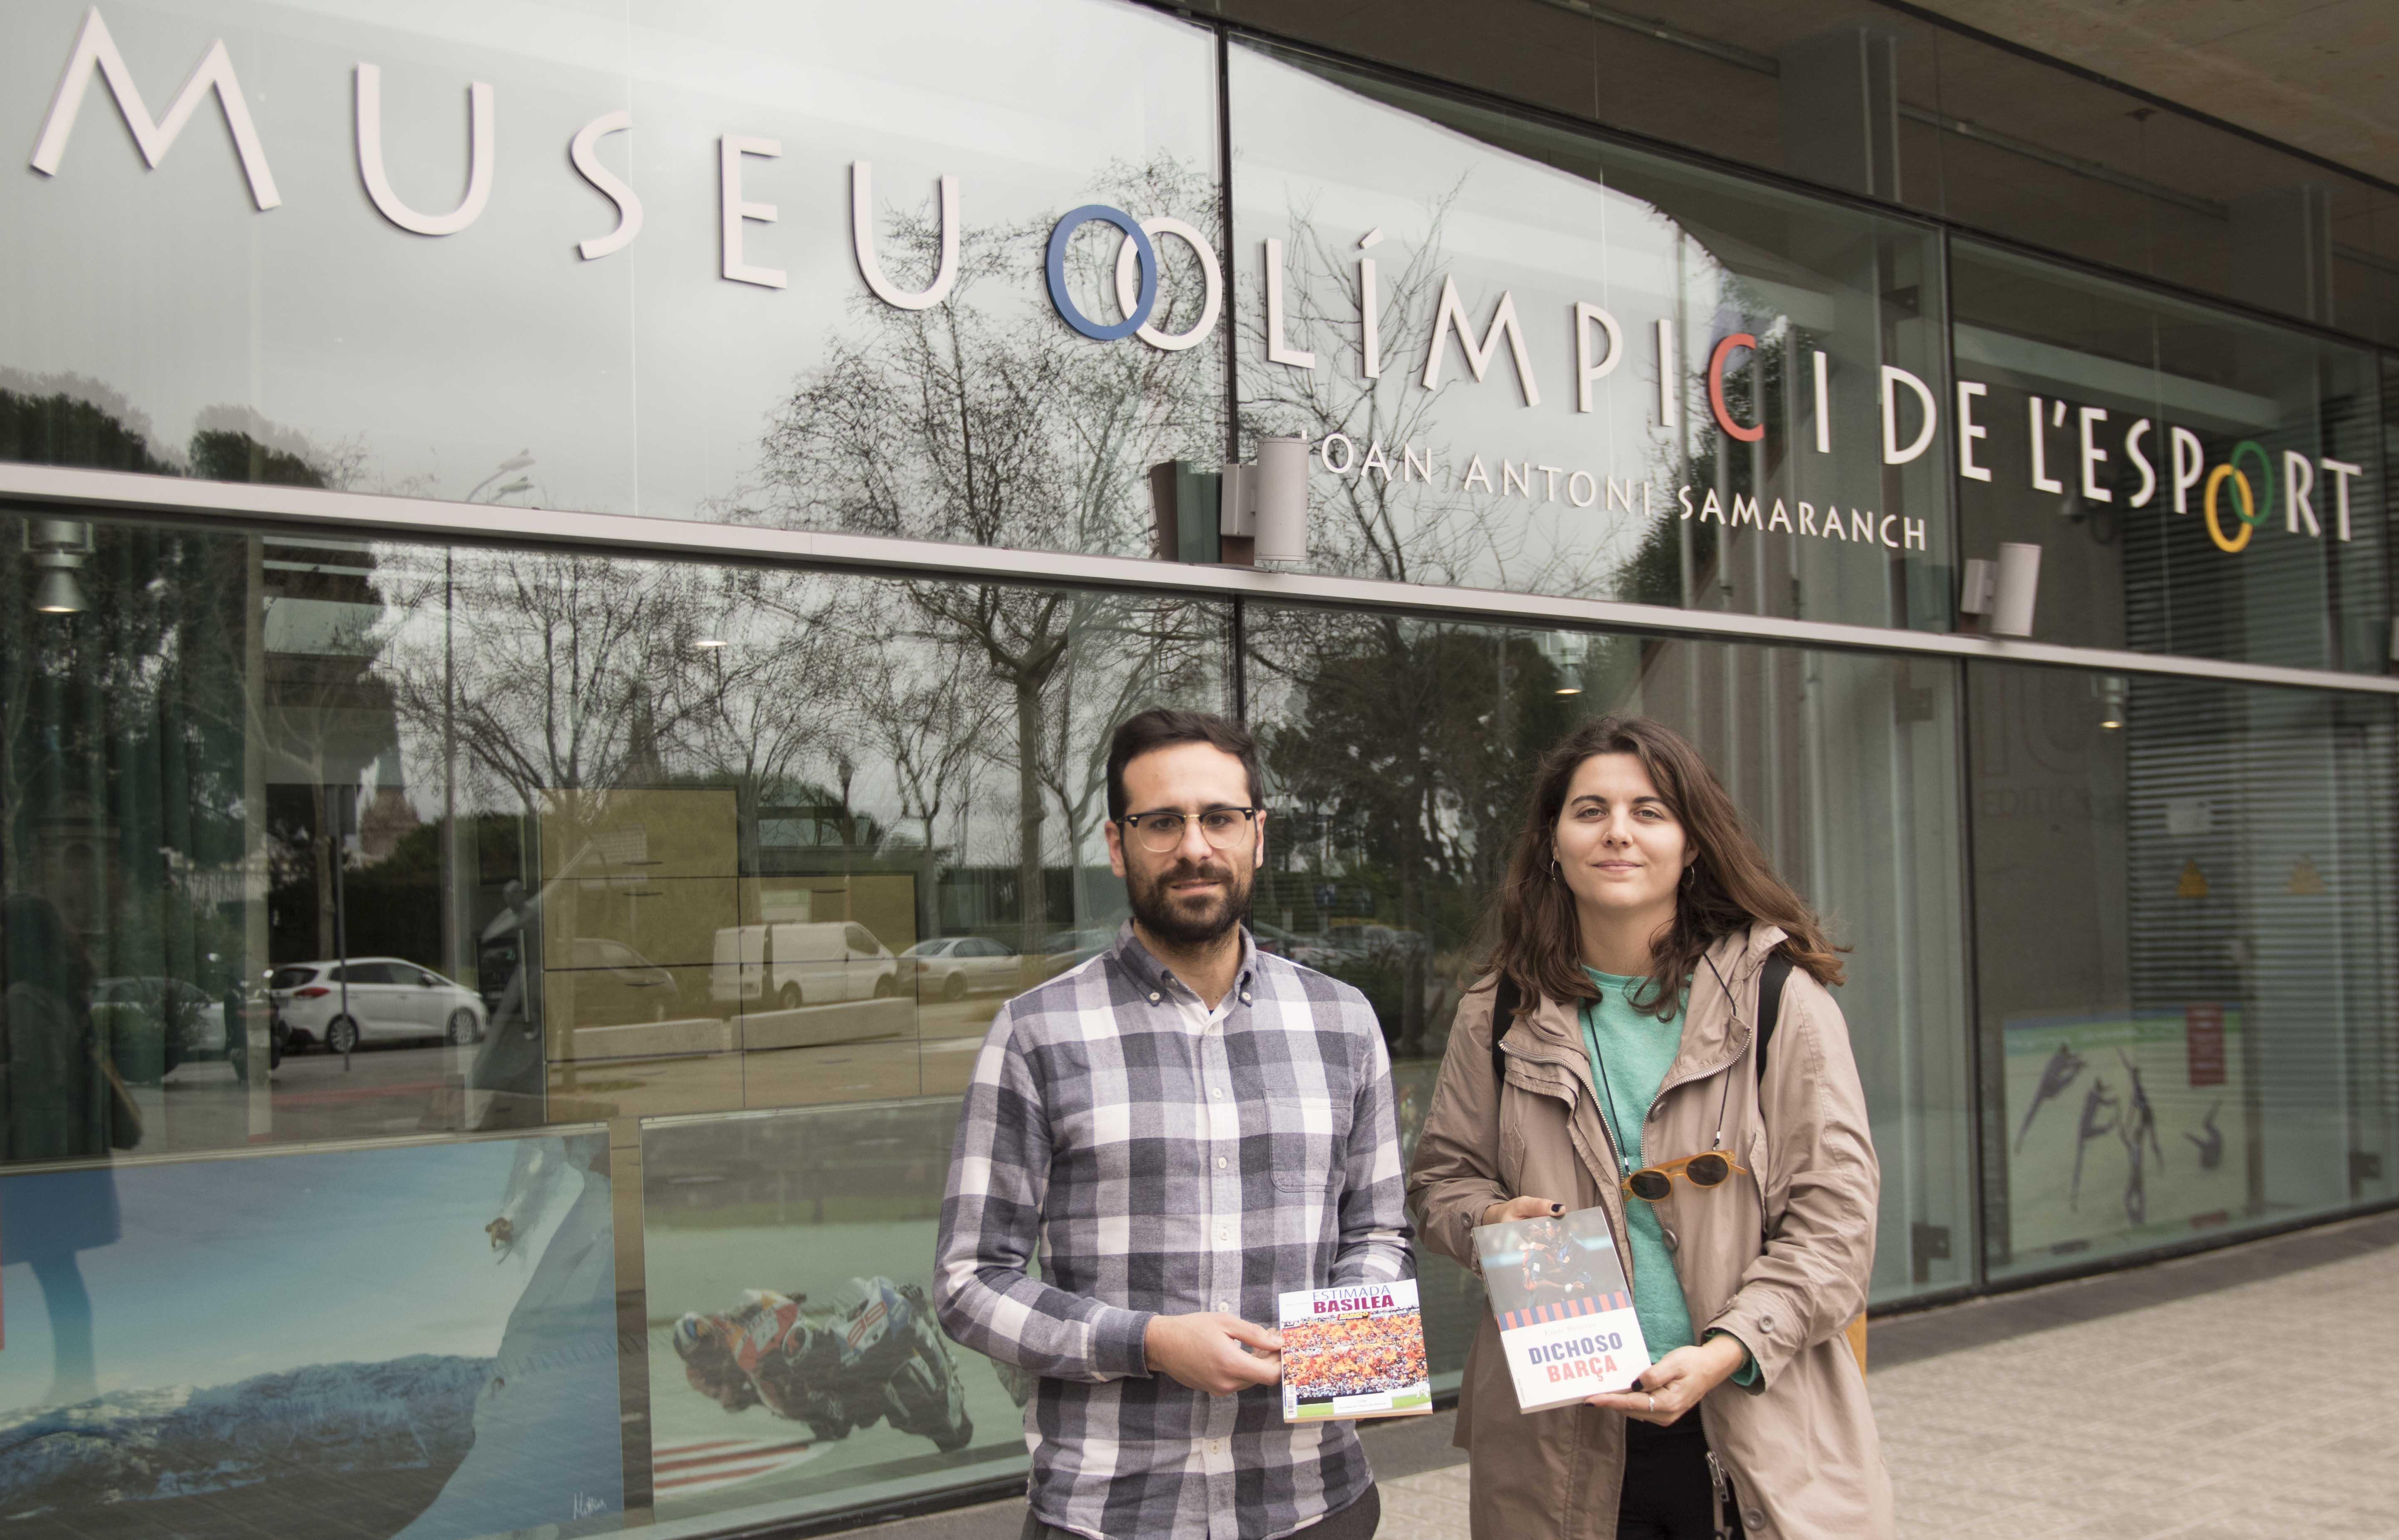 Irene-Baneras-Museu-Olímpic_2